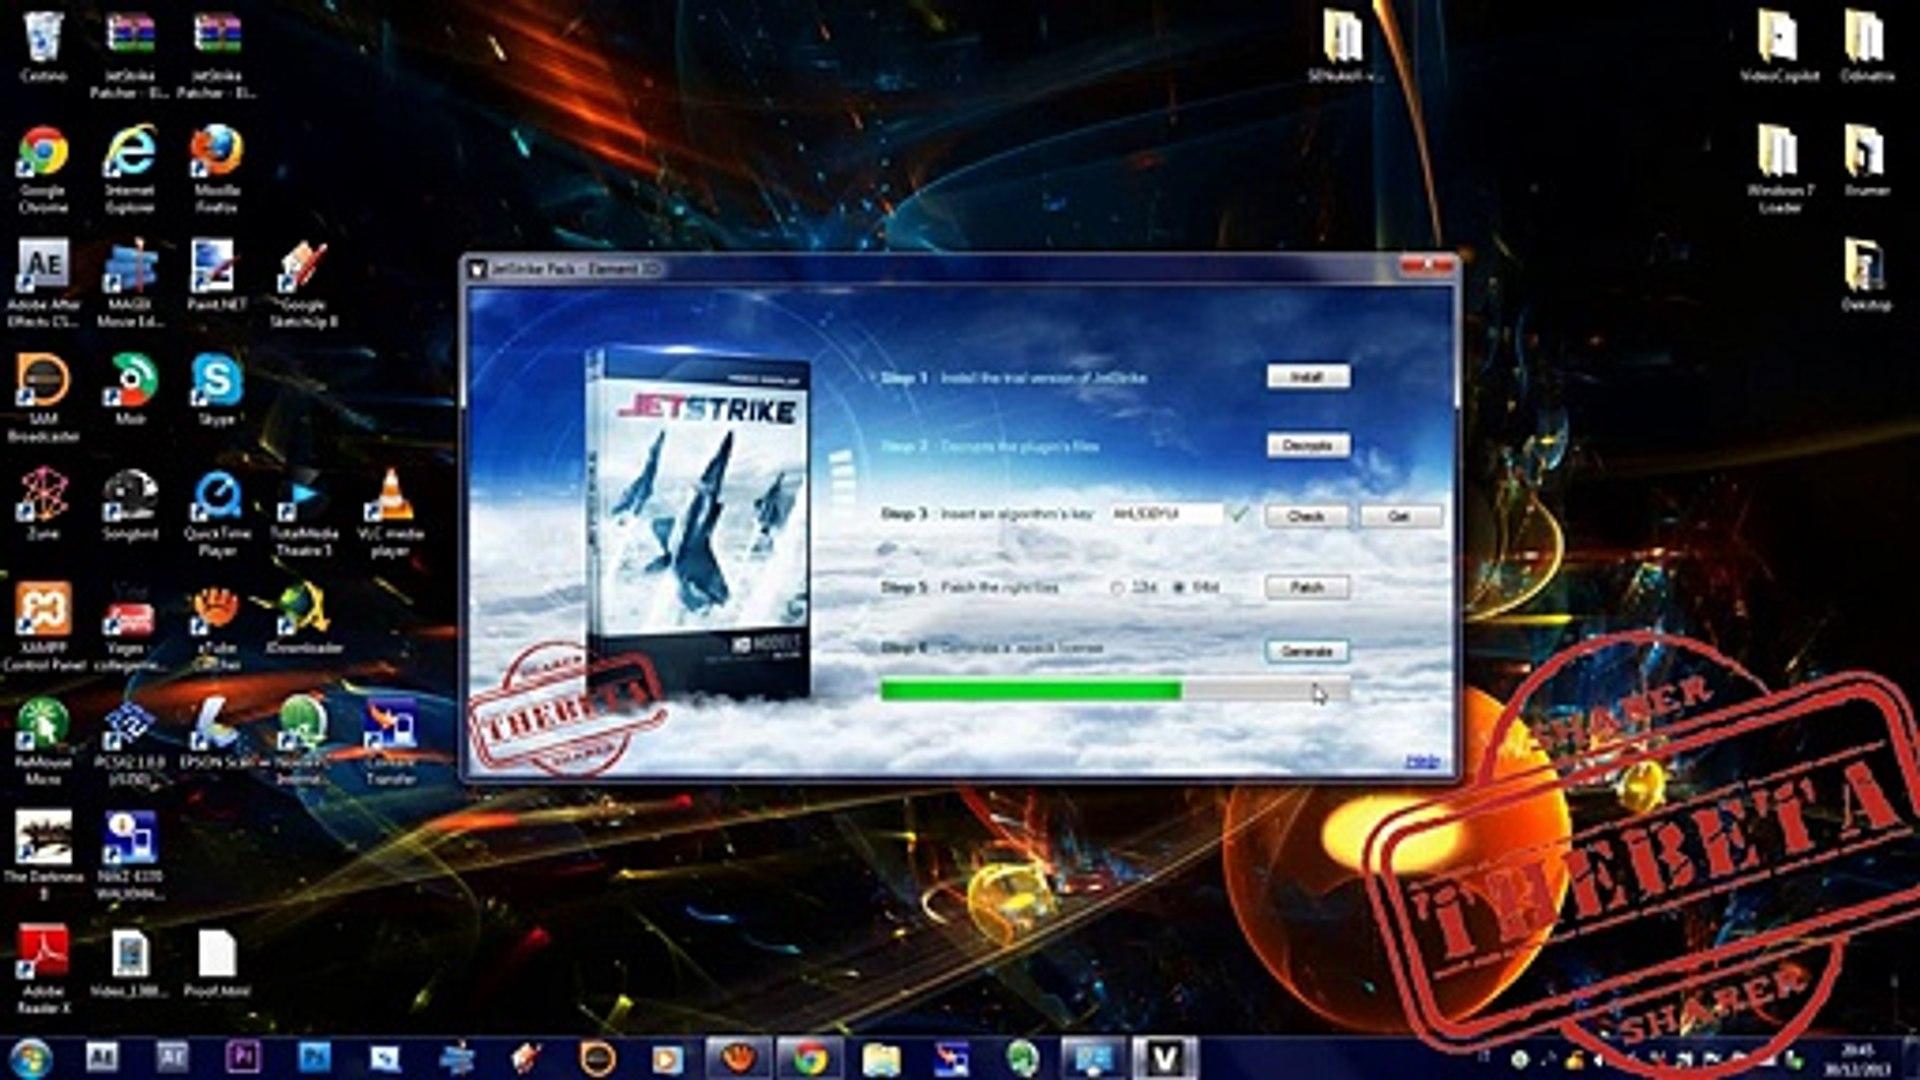 jetstrike free download mac